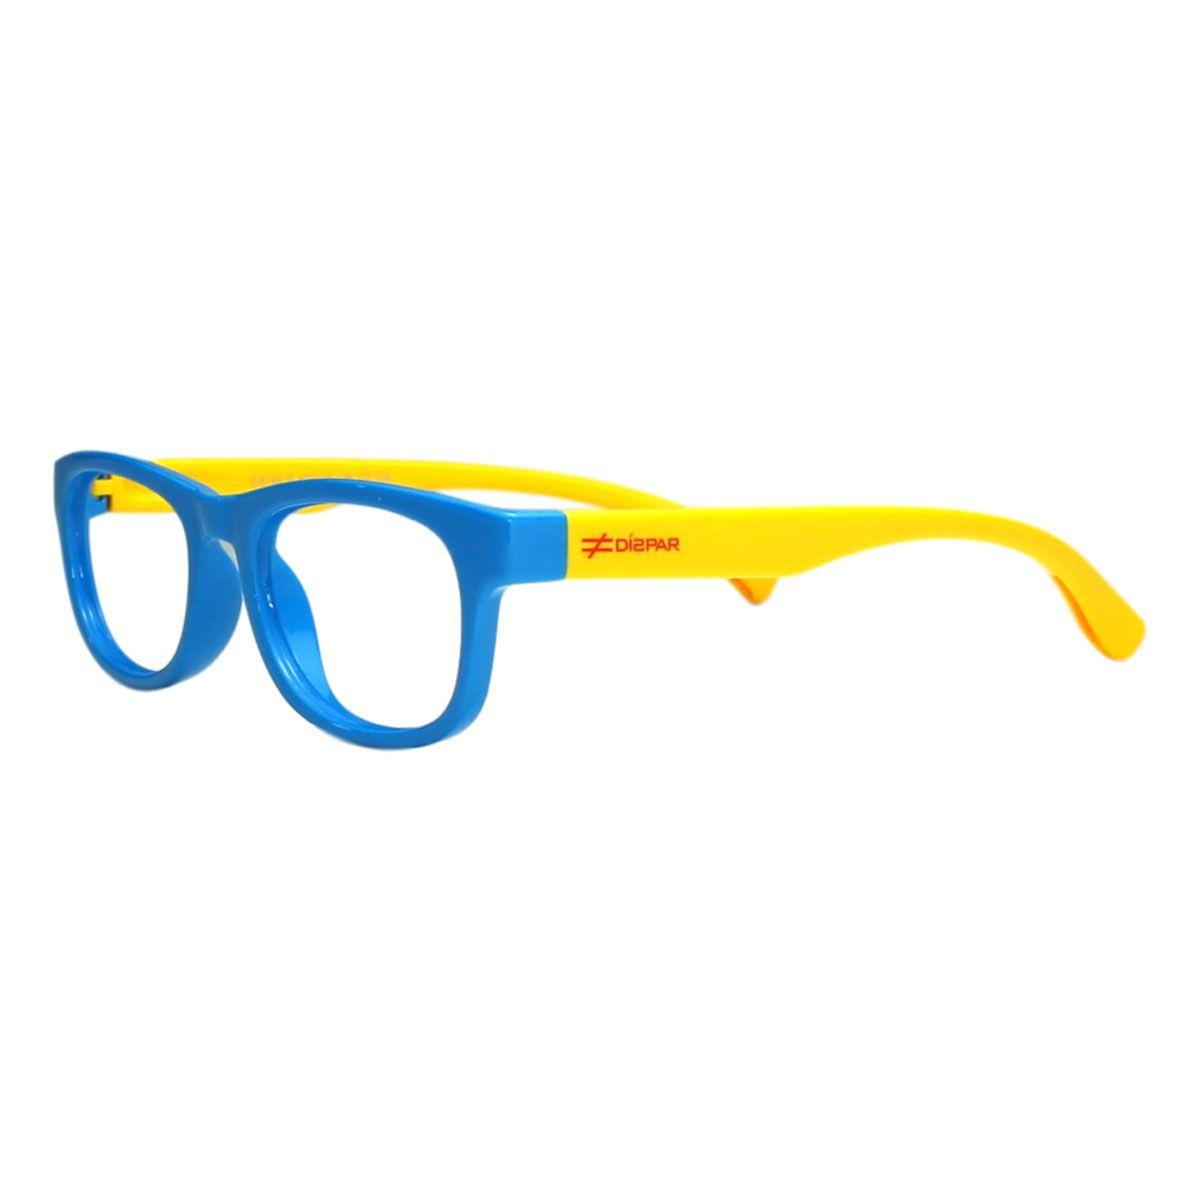 Armação para Óculos Díspar ID2102 Infantil Flexível - Azul/Amarelo Idade 6 a 9 anos